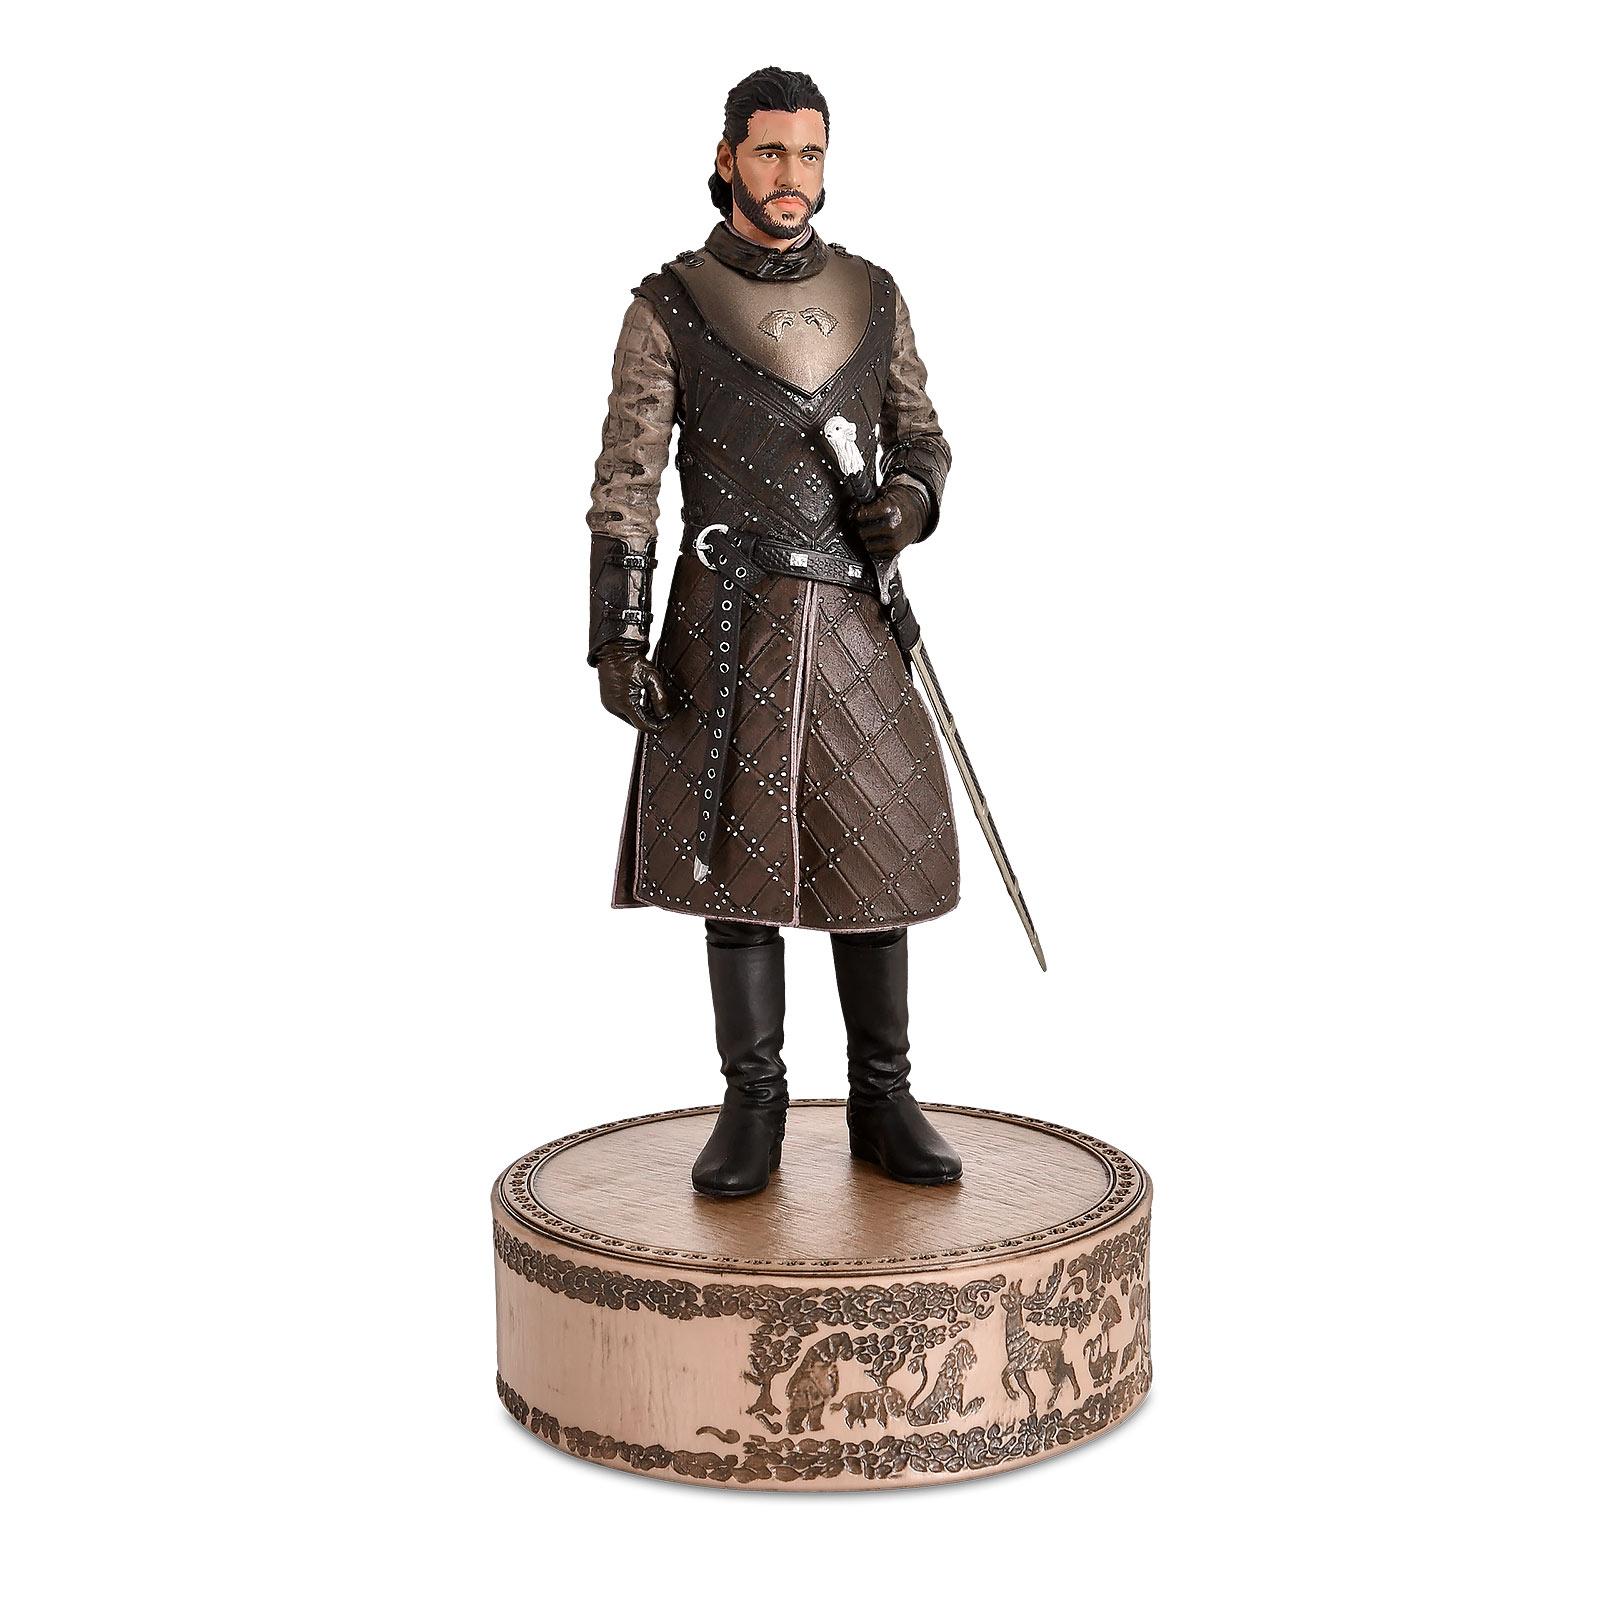 Game of Thrones - Jon Snow Premium Statue 27 cm